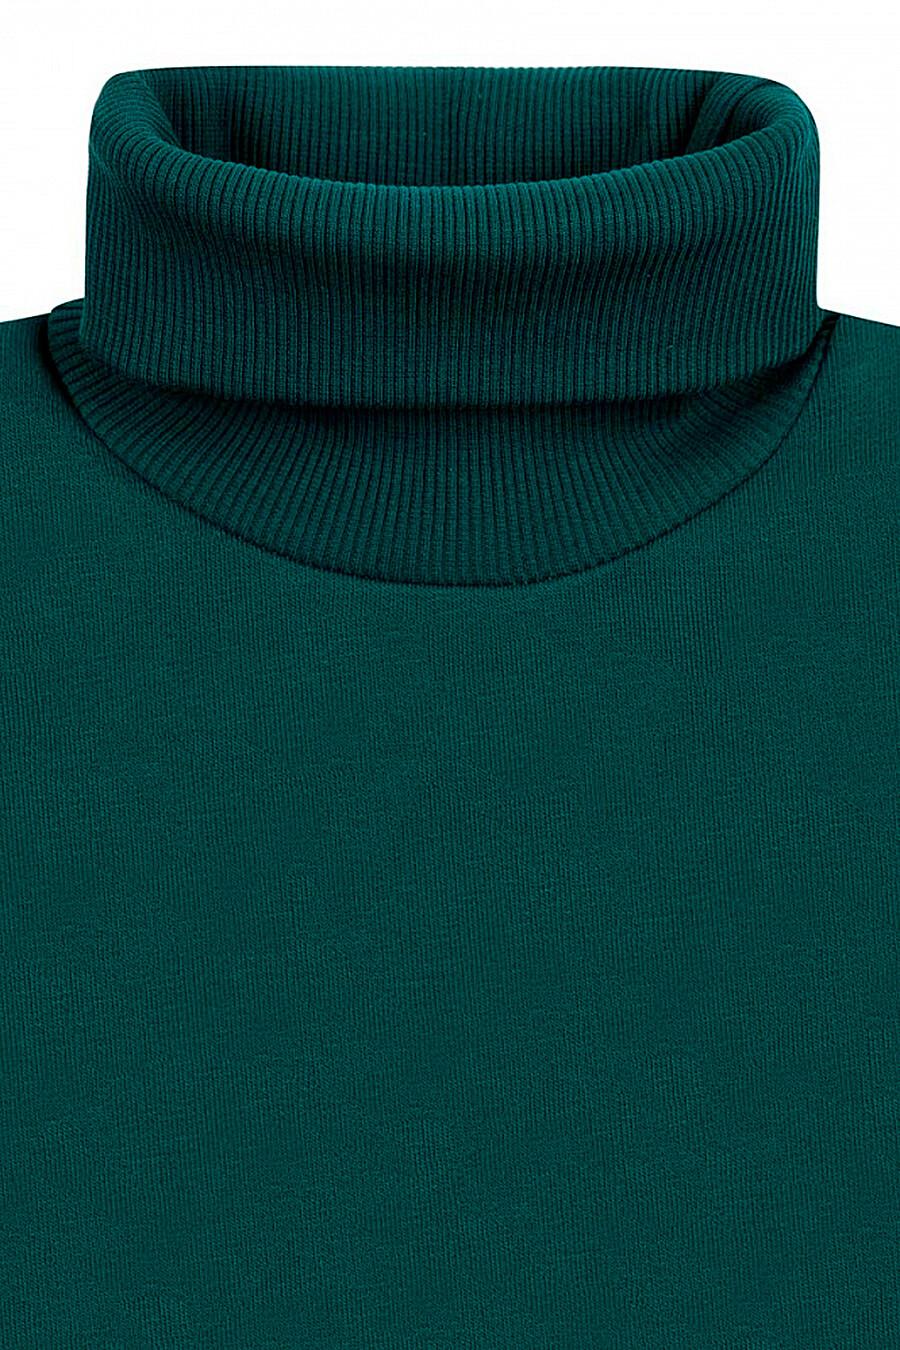 Водолазка для девочек BODO 334952 купить оптом от производителя. Совместная покупка детской одежды в OptMoyo